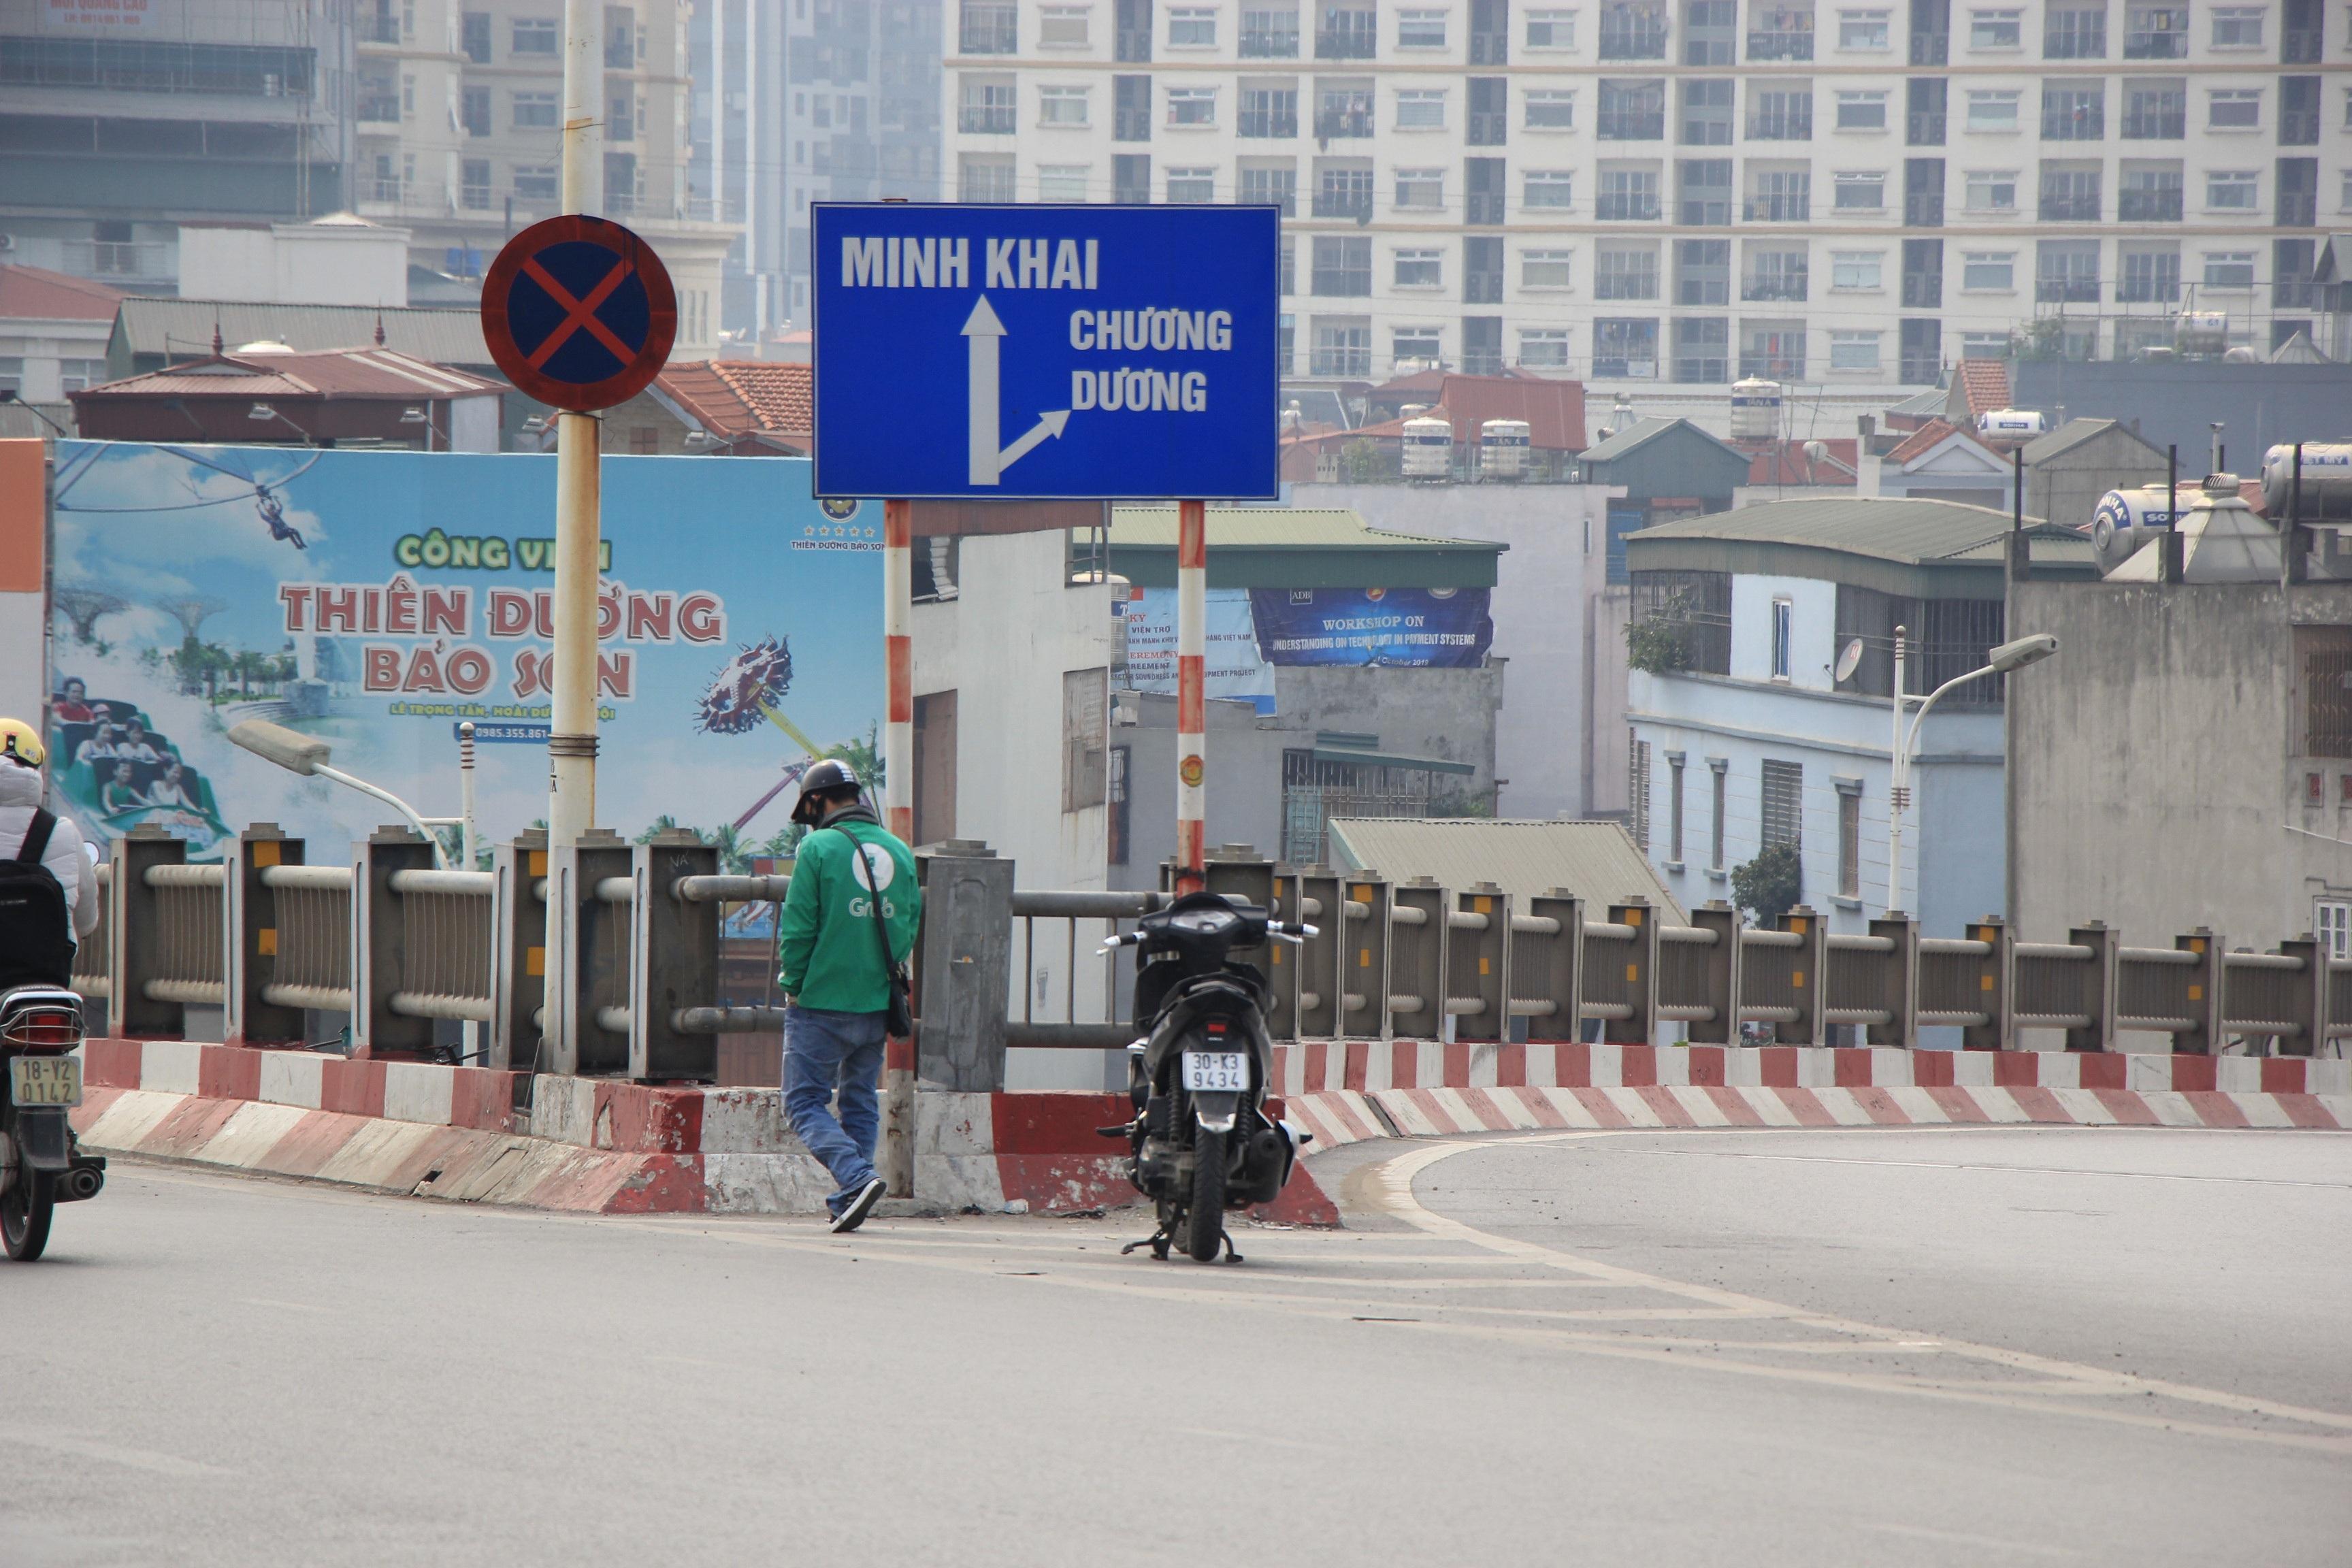 Toàn cảnh giao thông cầu Vĩnh Tuy trước khi xây cầu Vĩnh Tuy 2 - 11